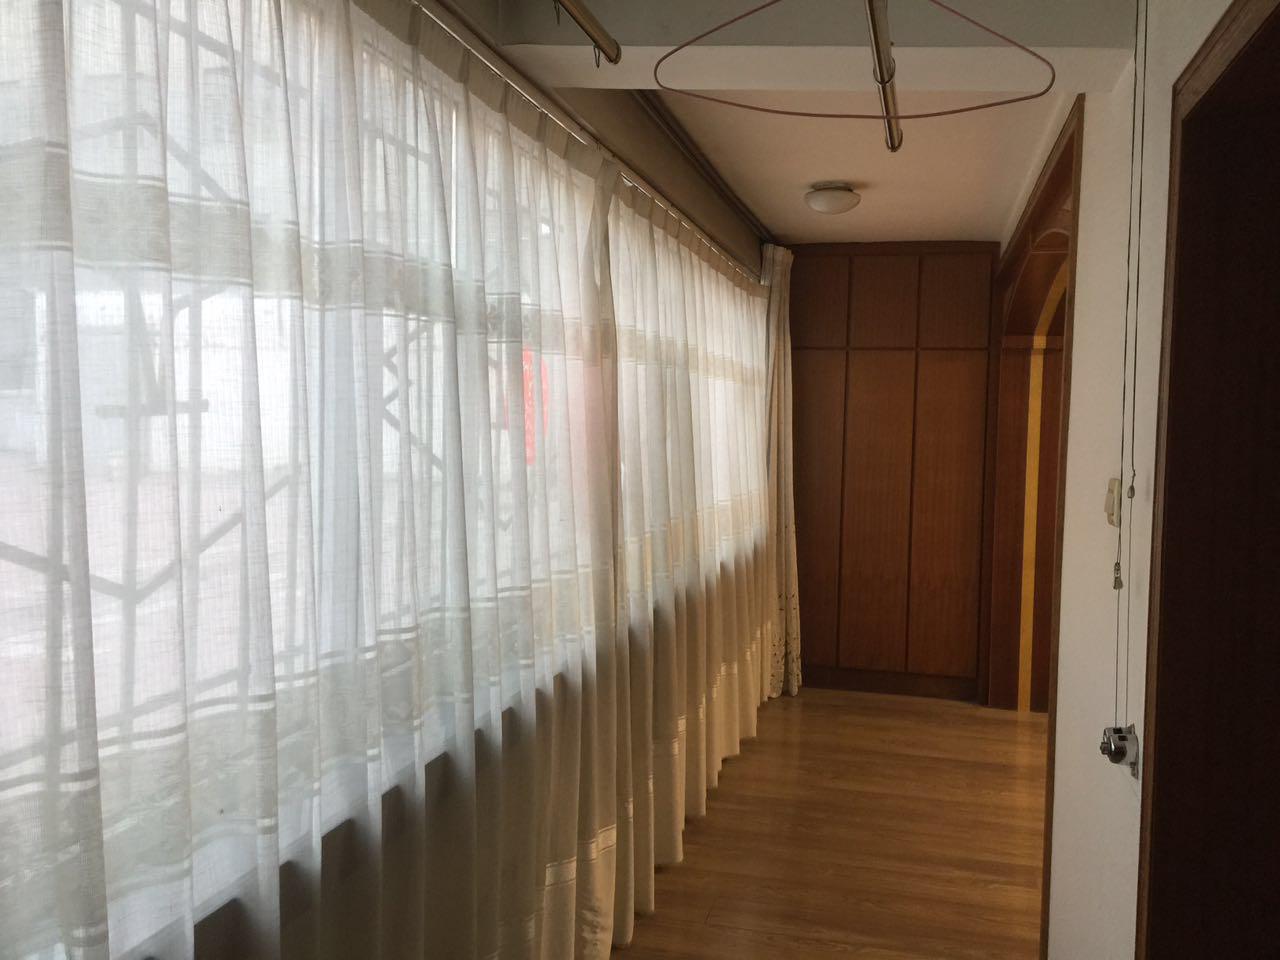 西宁市城北区小桥俱乐部家属院精装带家具3室2厅2卫134.22平米自住房出售